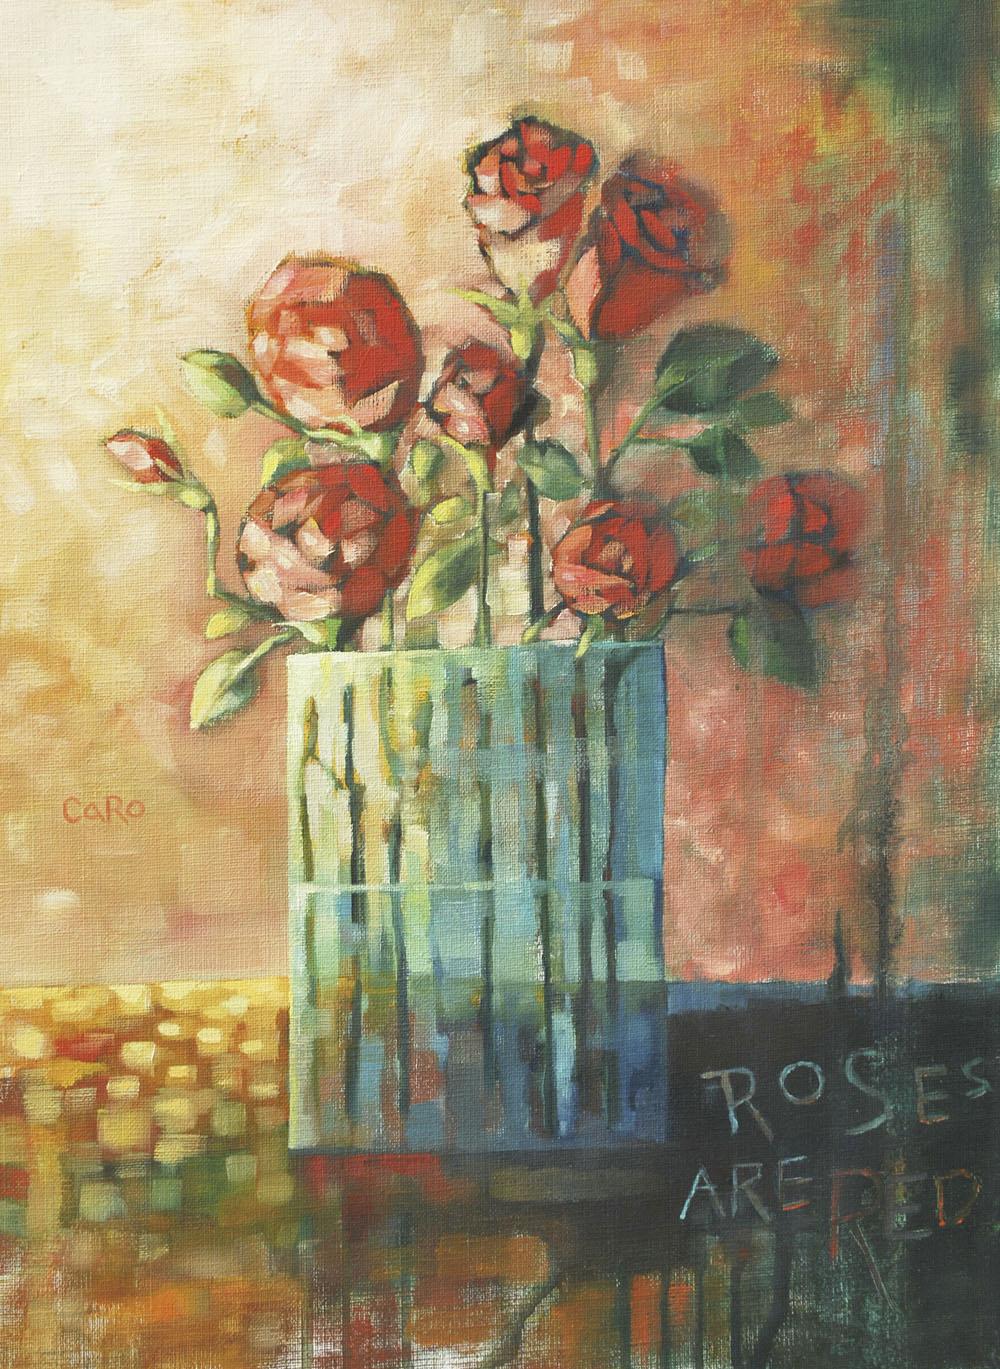 Rosesarered